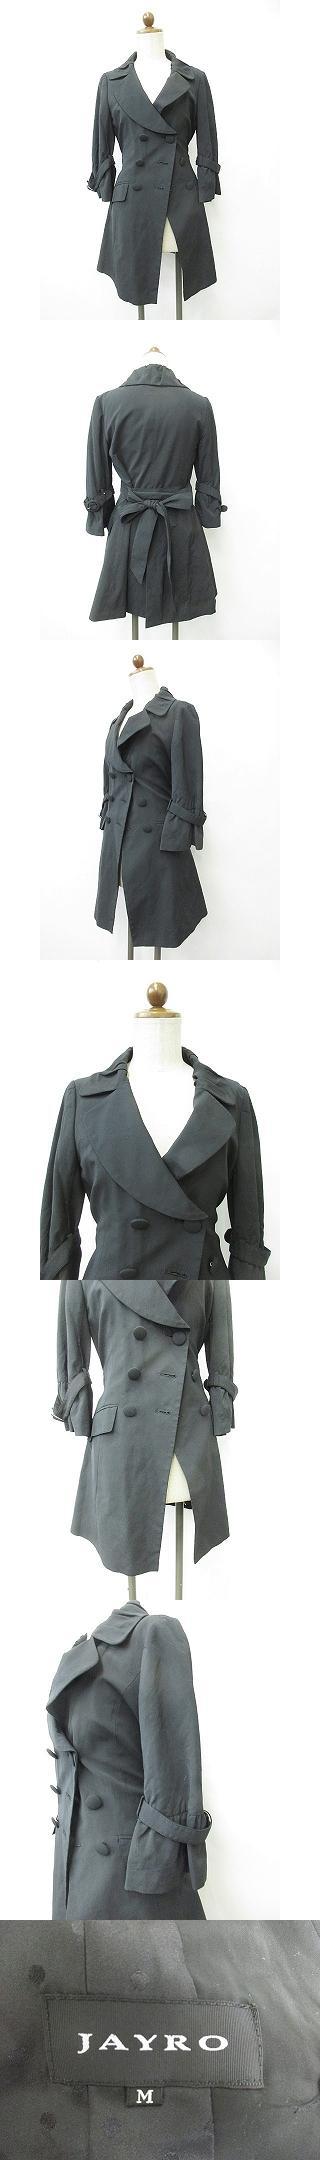 Aラインコート 長袖 クローバーリーフカラー ダブル ベルト 黒 ブラック M